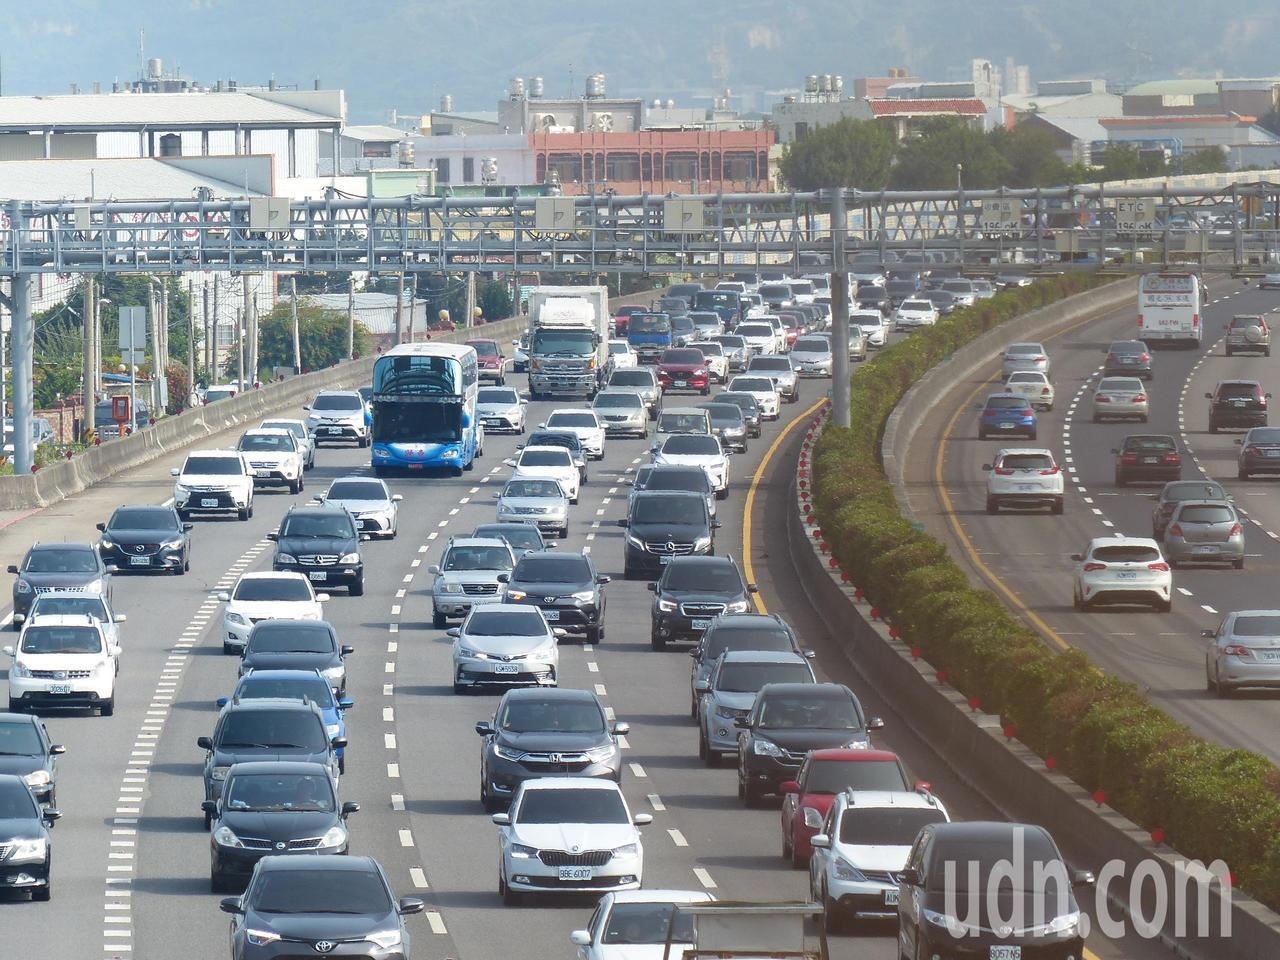 國道中部路段南下一大早才8點出頭,就湧進大量車流,王田交流道到彰化交流道間路段時...